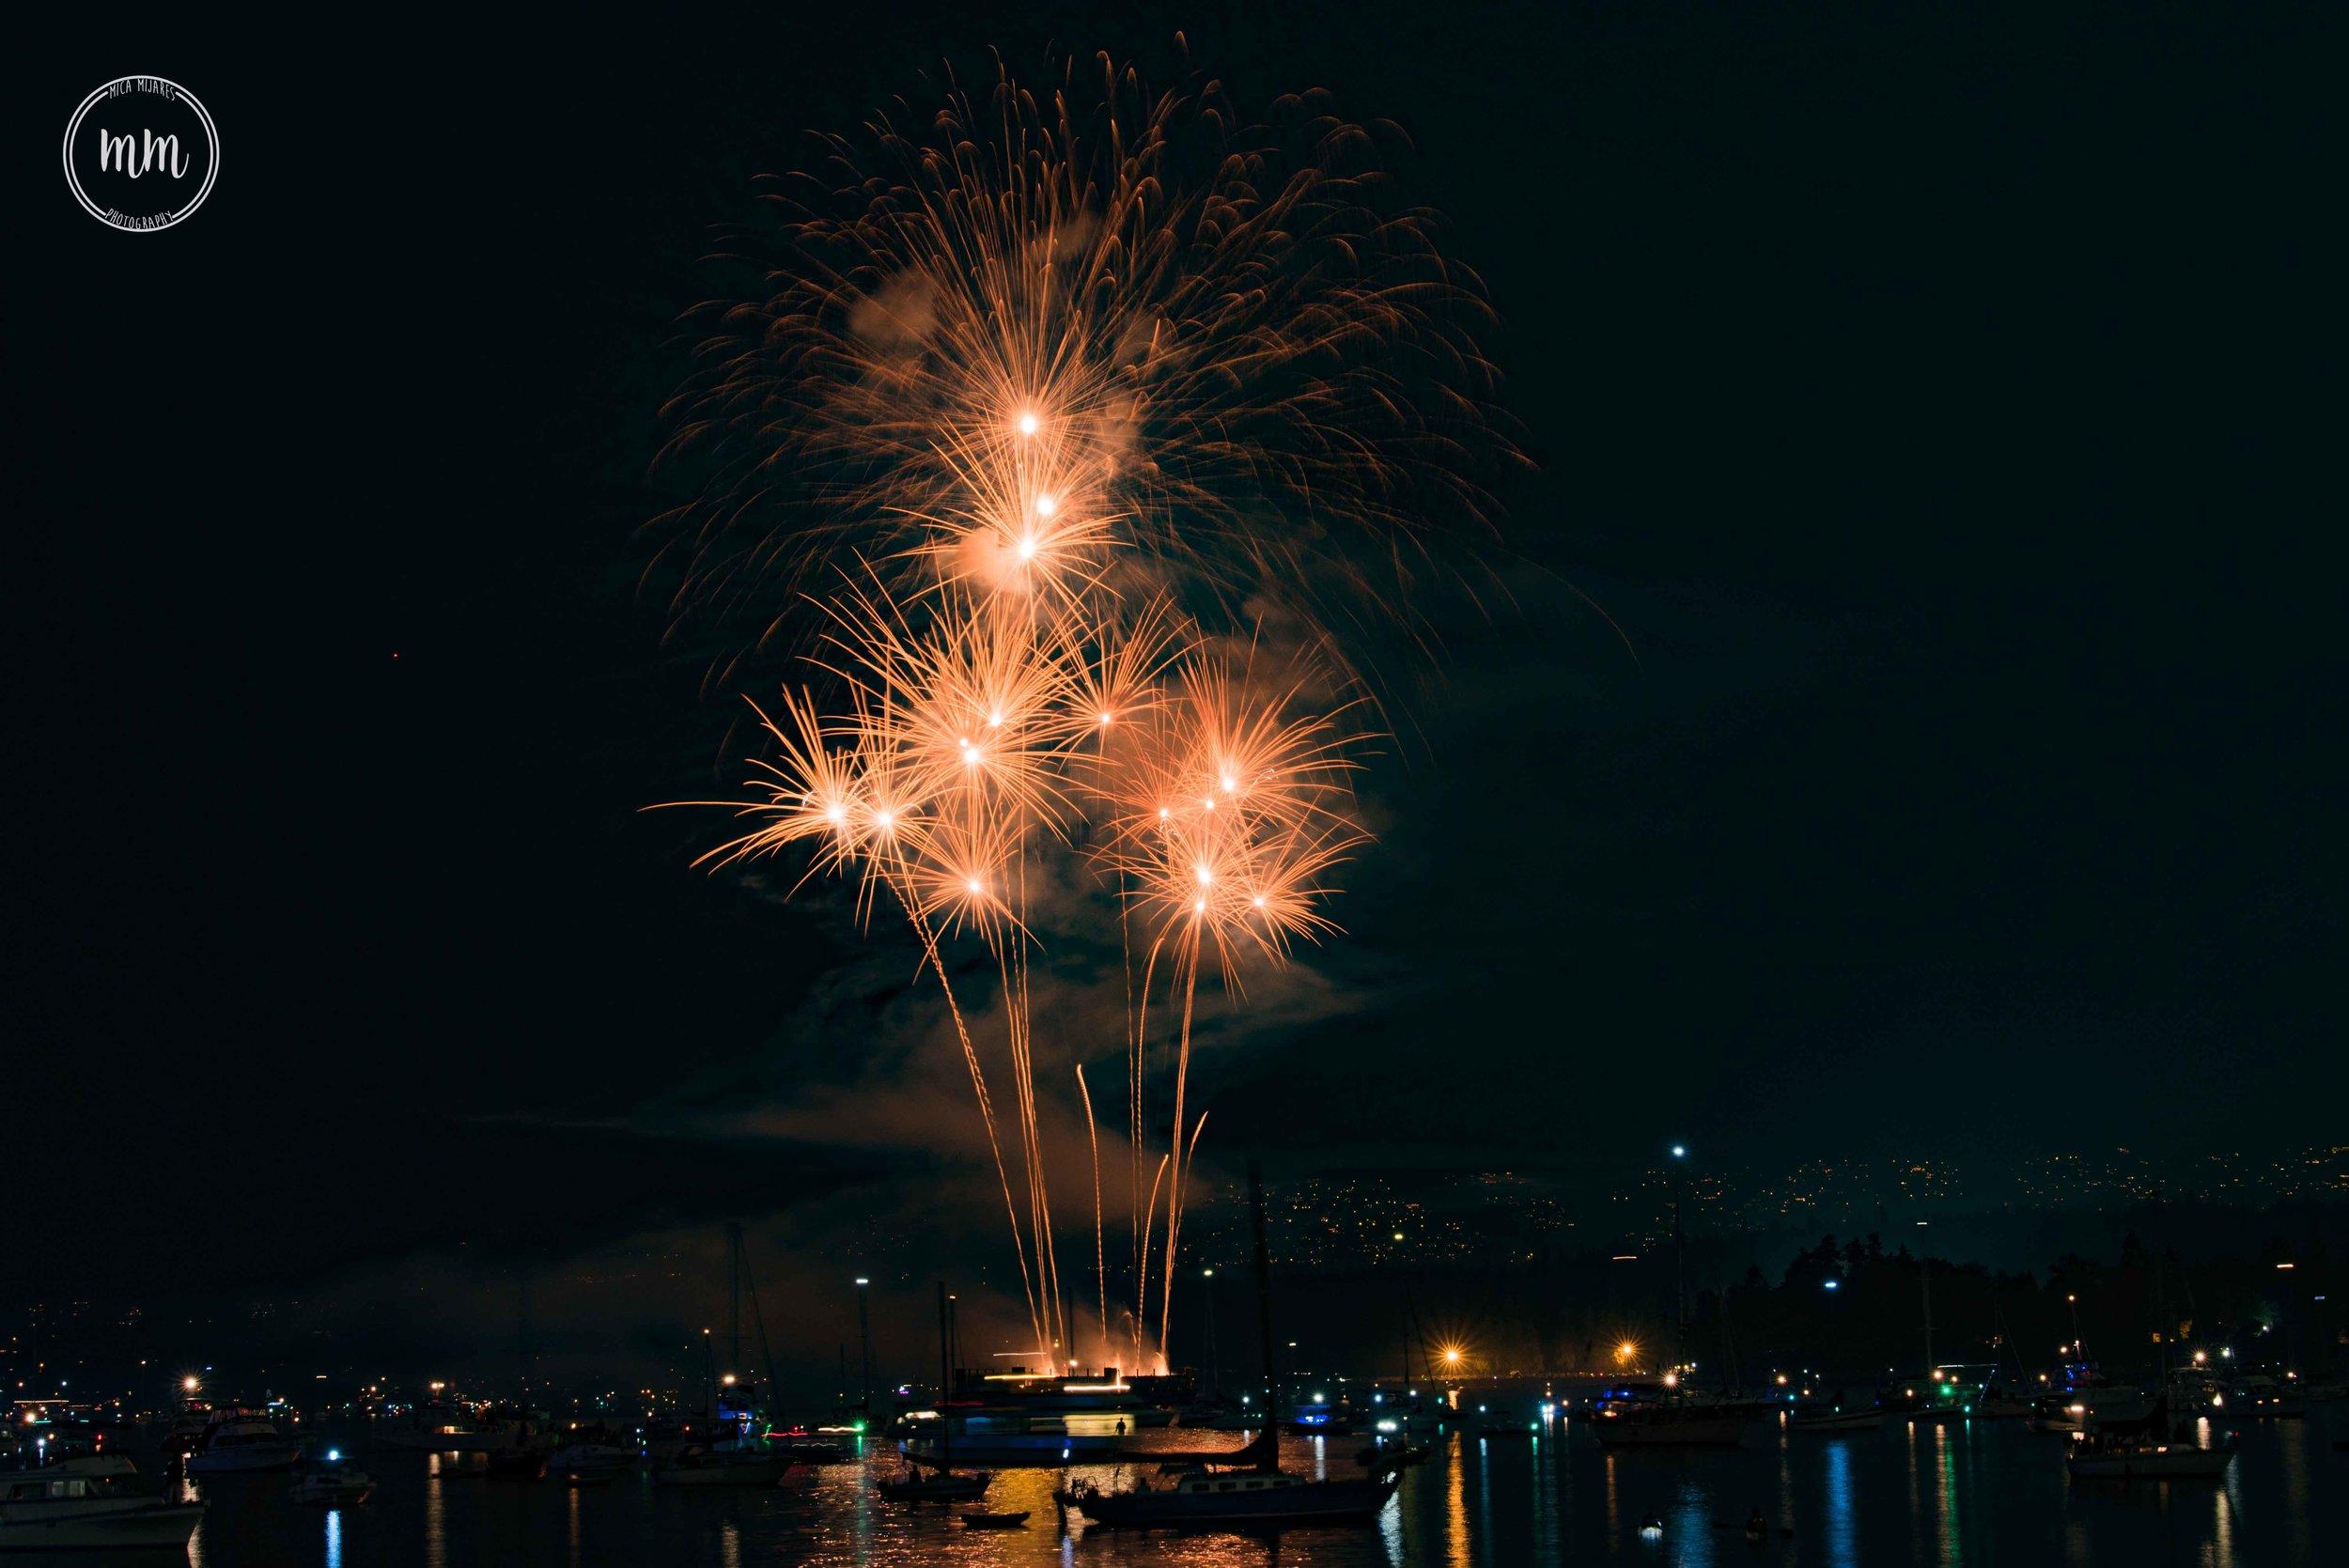 ukfireworks-MicaMijaresPhotography-11.jpg